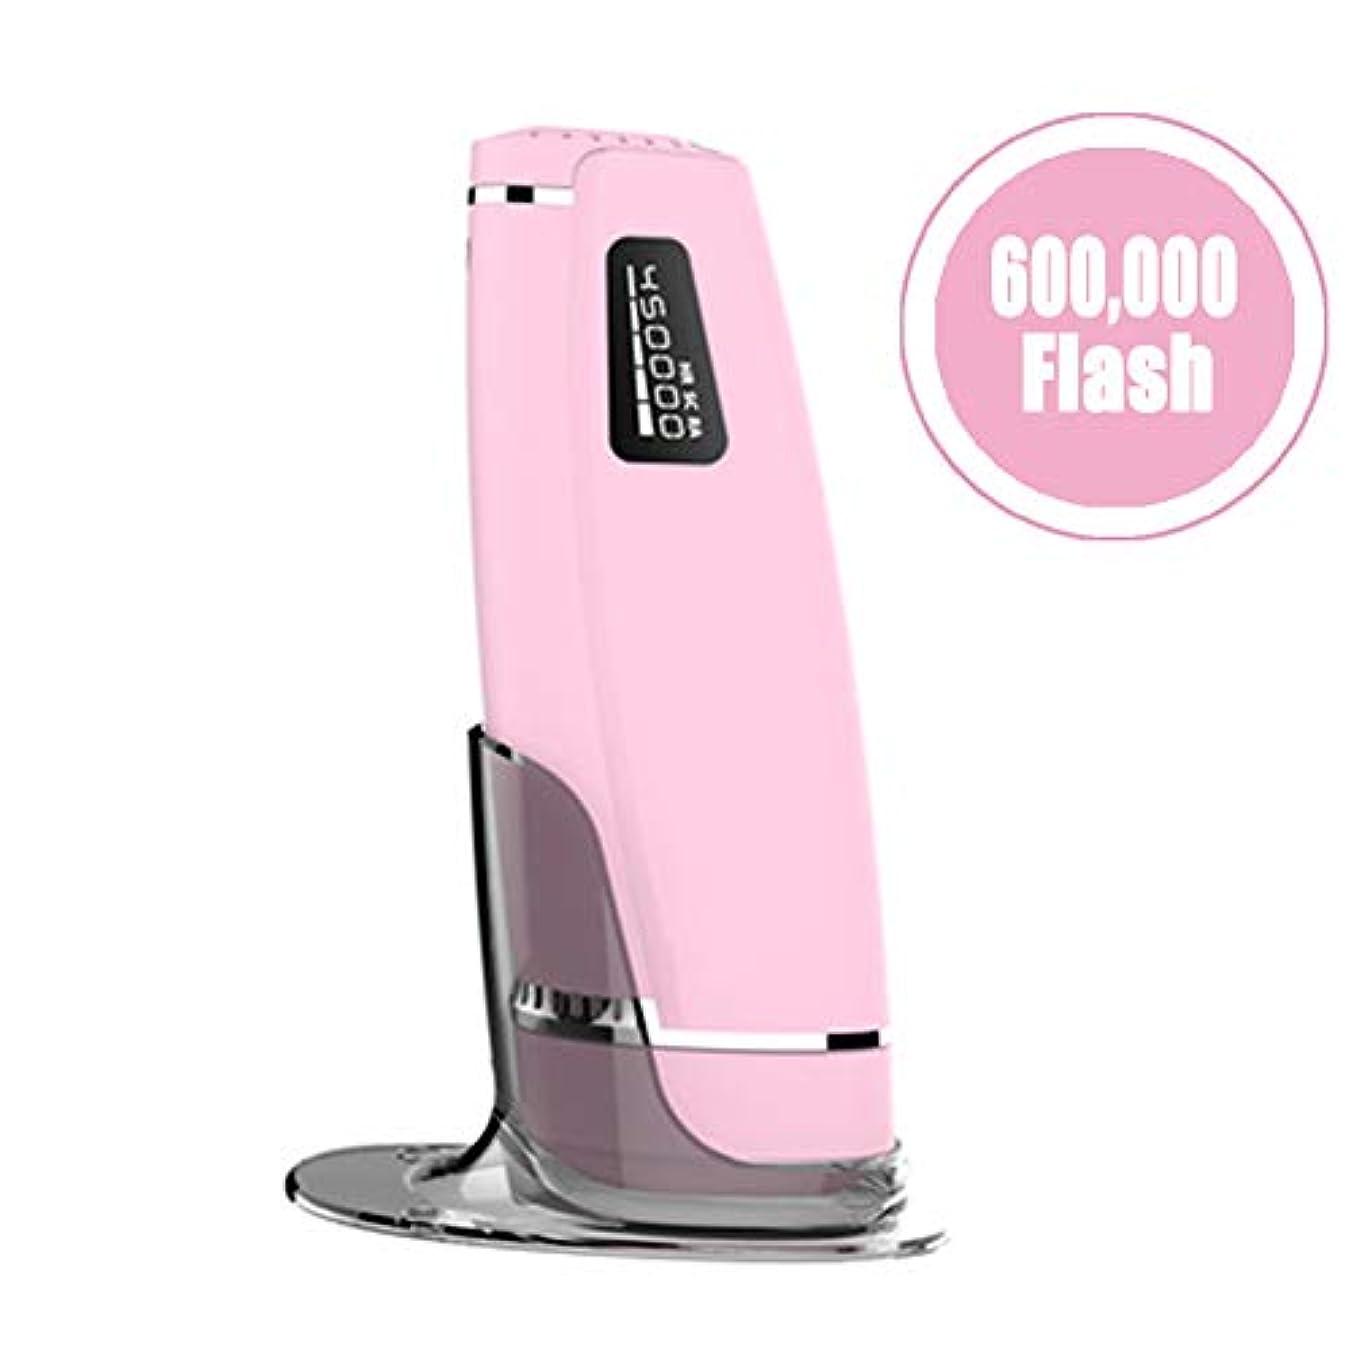 記事ベールドームアップグレードIPLレーザー脱毛システムデバイス、60万回のフラッシュ無痛常設パルス光脱毛器にとってボディフェイス脇の下ビキニライン,Pink